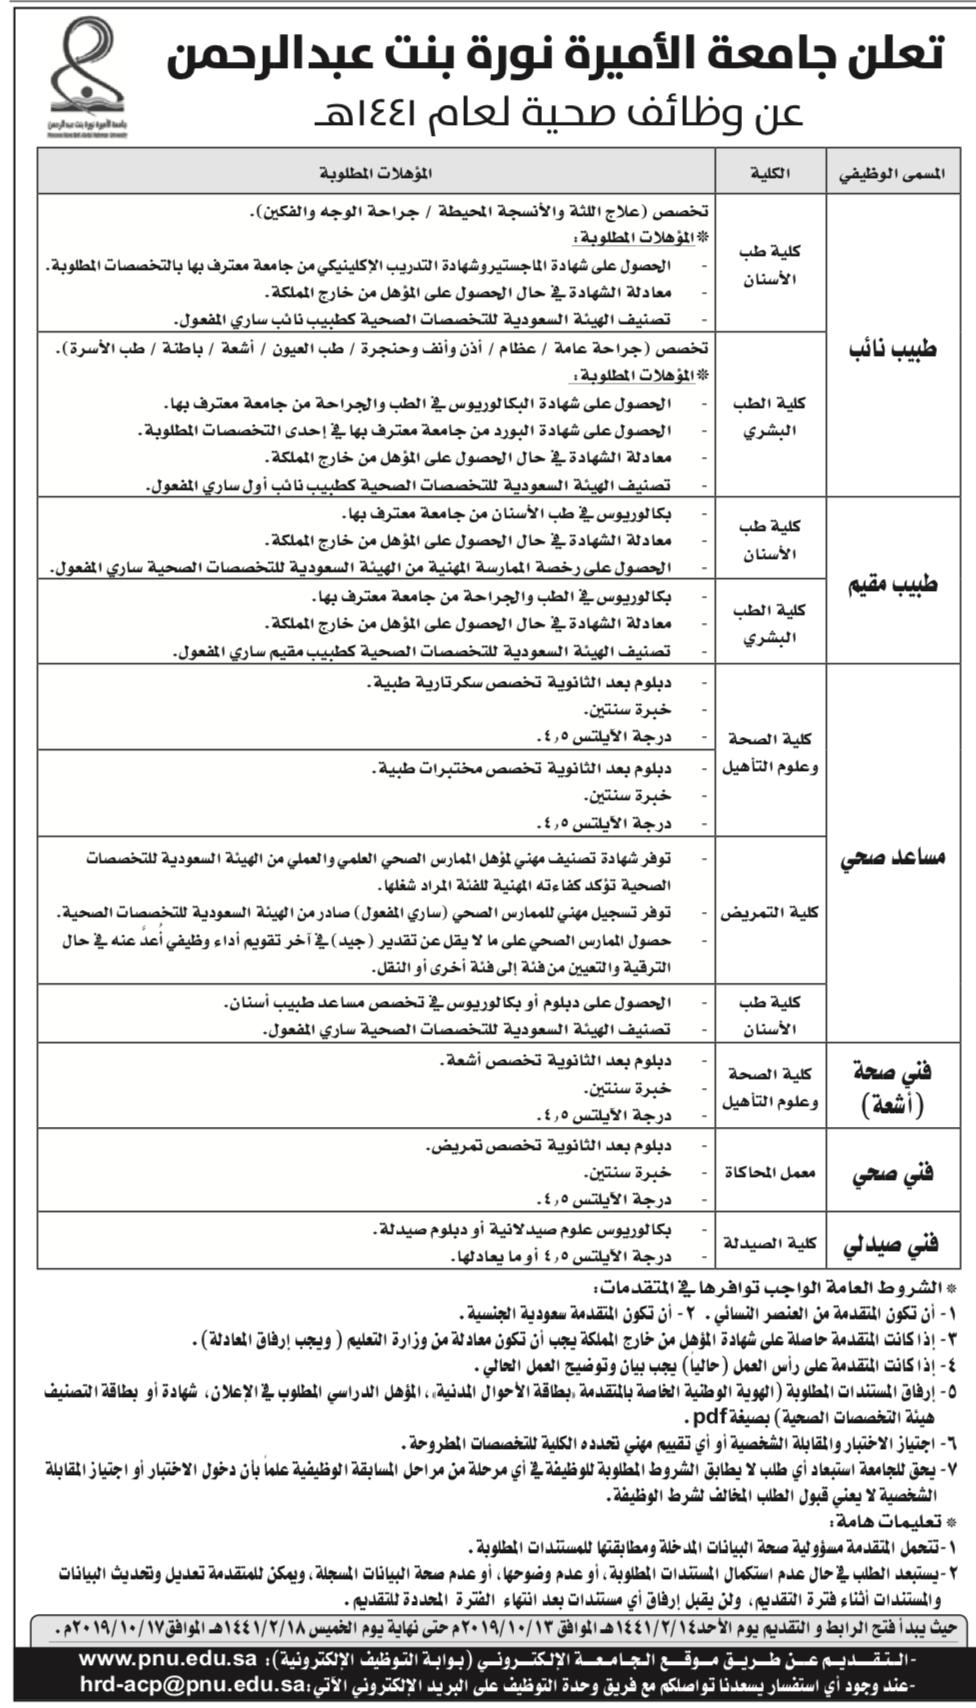 وظائف نسائية في جامعة الاميرة نورة بنت عبدالرحمن 1441 Vss10